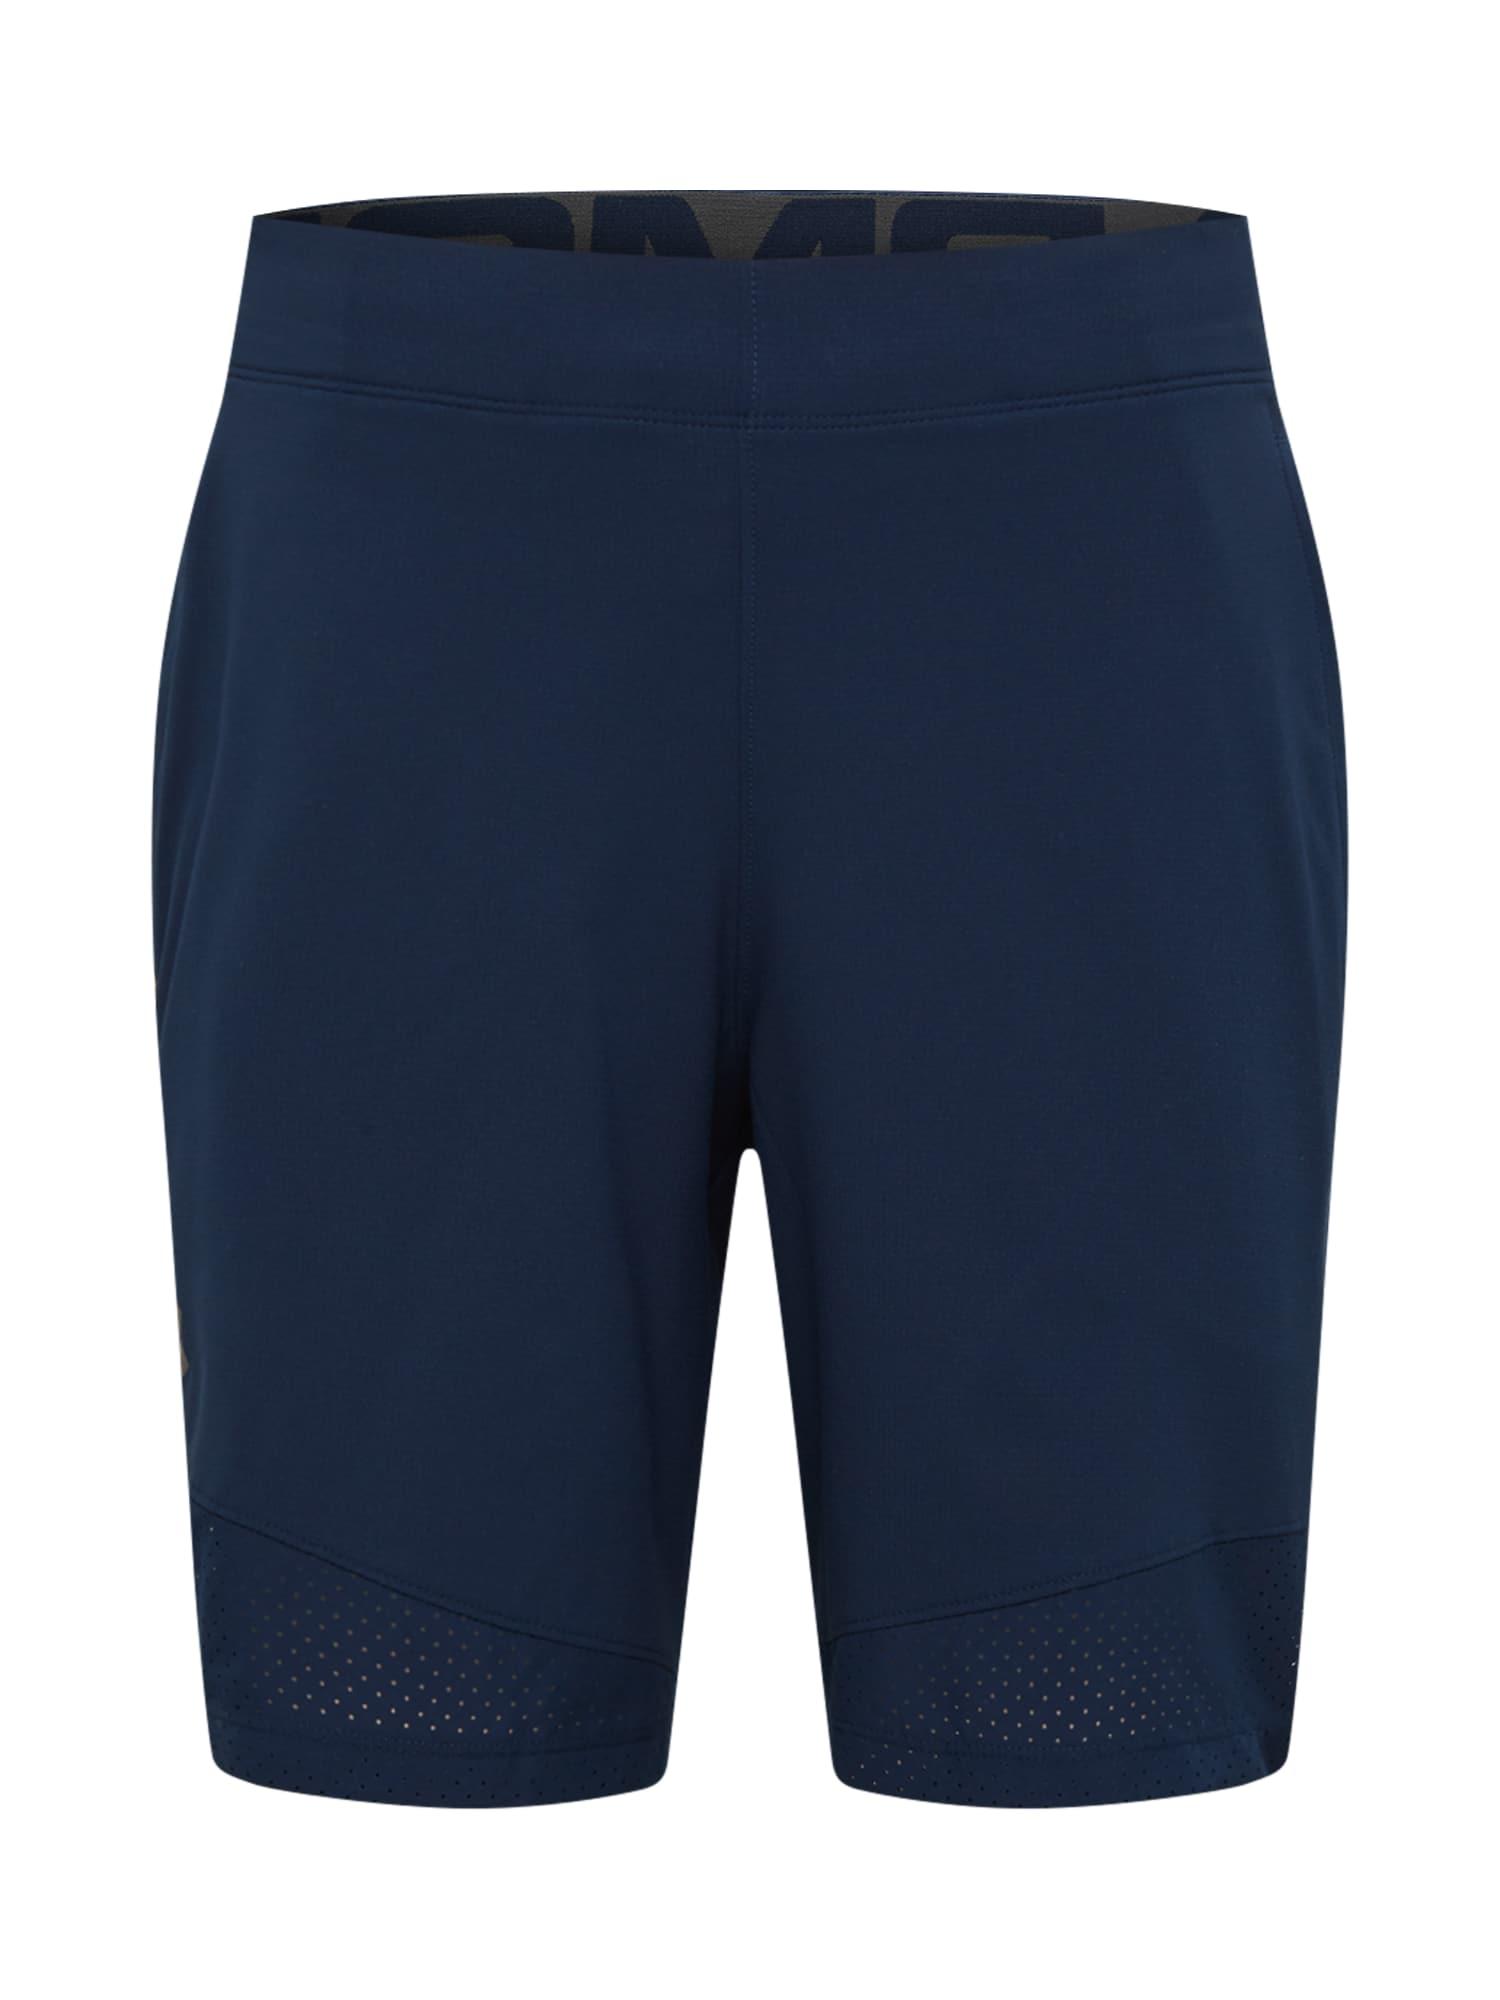 UNDER ARMOUR Sportinės kelnės tamsiai mėlyna